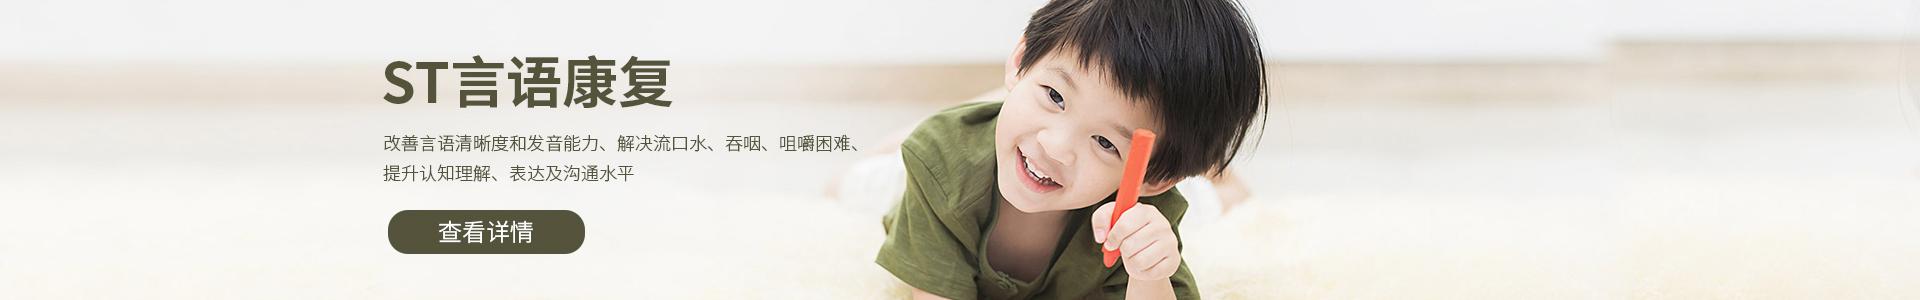 成都東方啟音兒童語言訓練中心